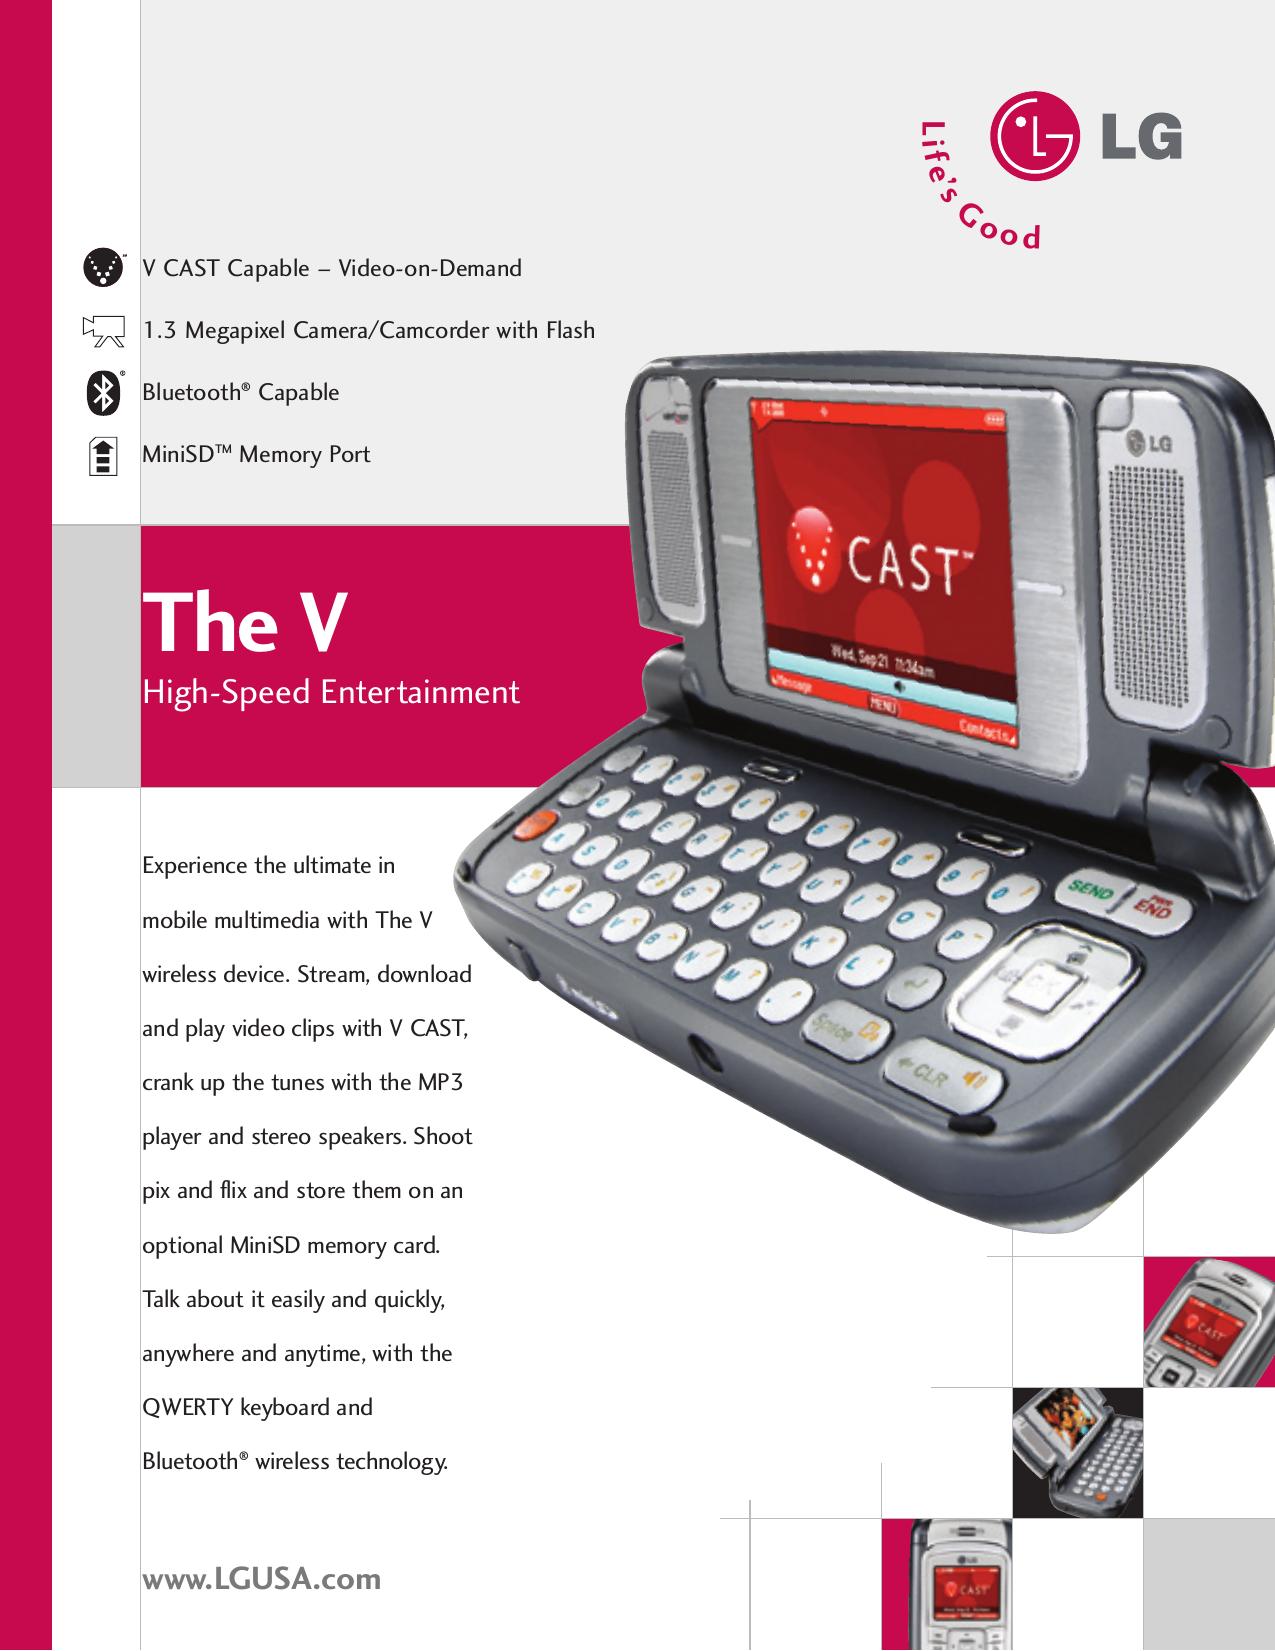 lg vx9800 v datasheet user manual data sheet the v datasheet rh usermanual wiki LG 9 800 Years Made LG VX